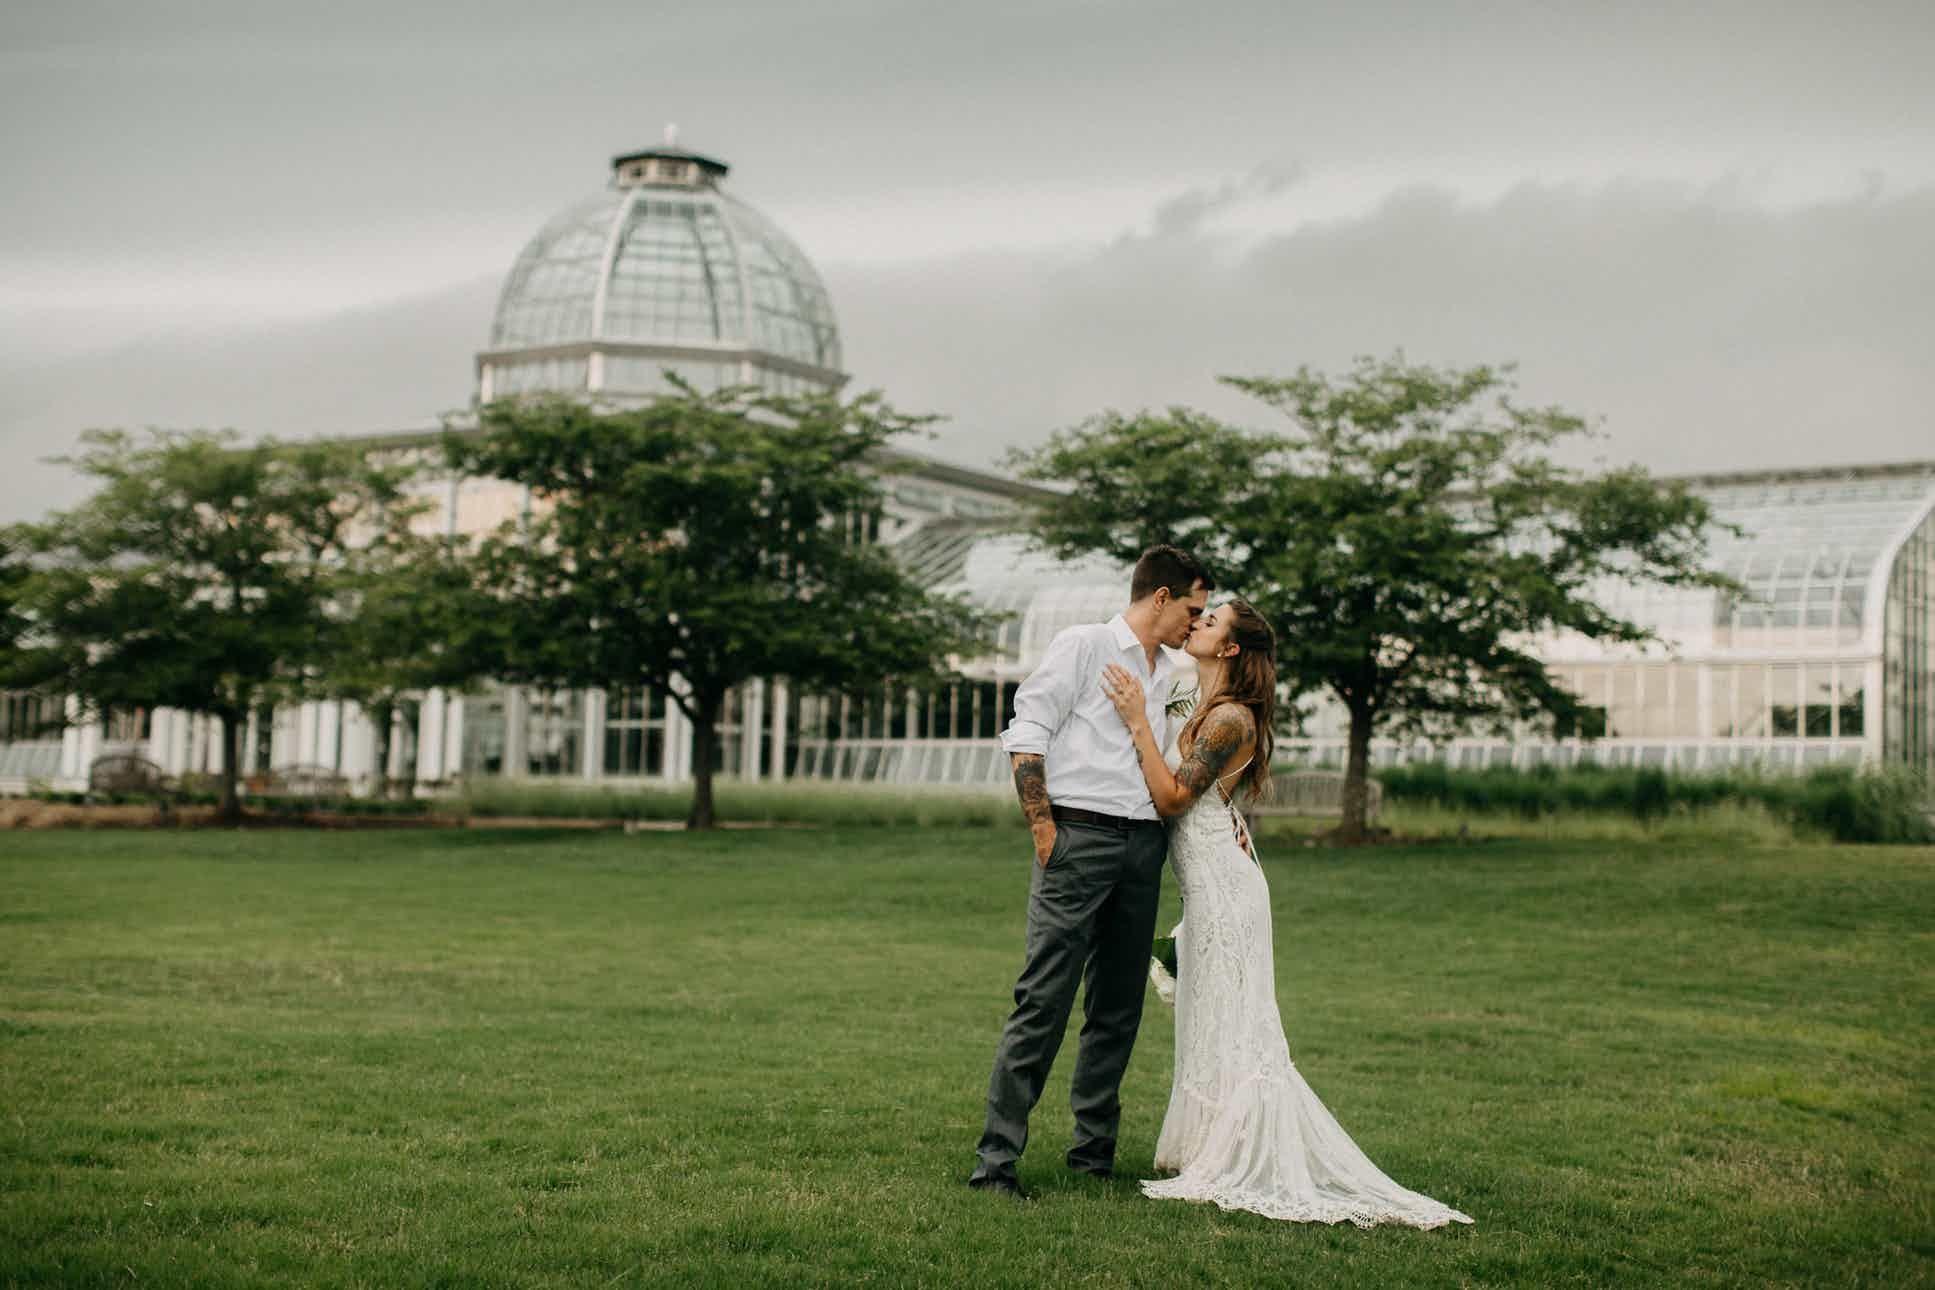 Lewis Ginter Botanical Garden Richmond, VA Wedding Site